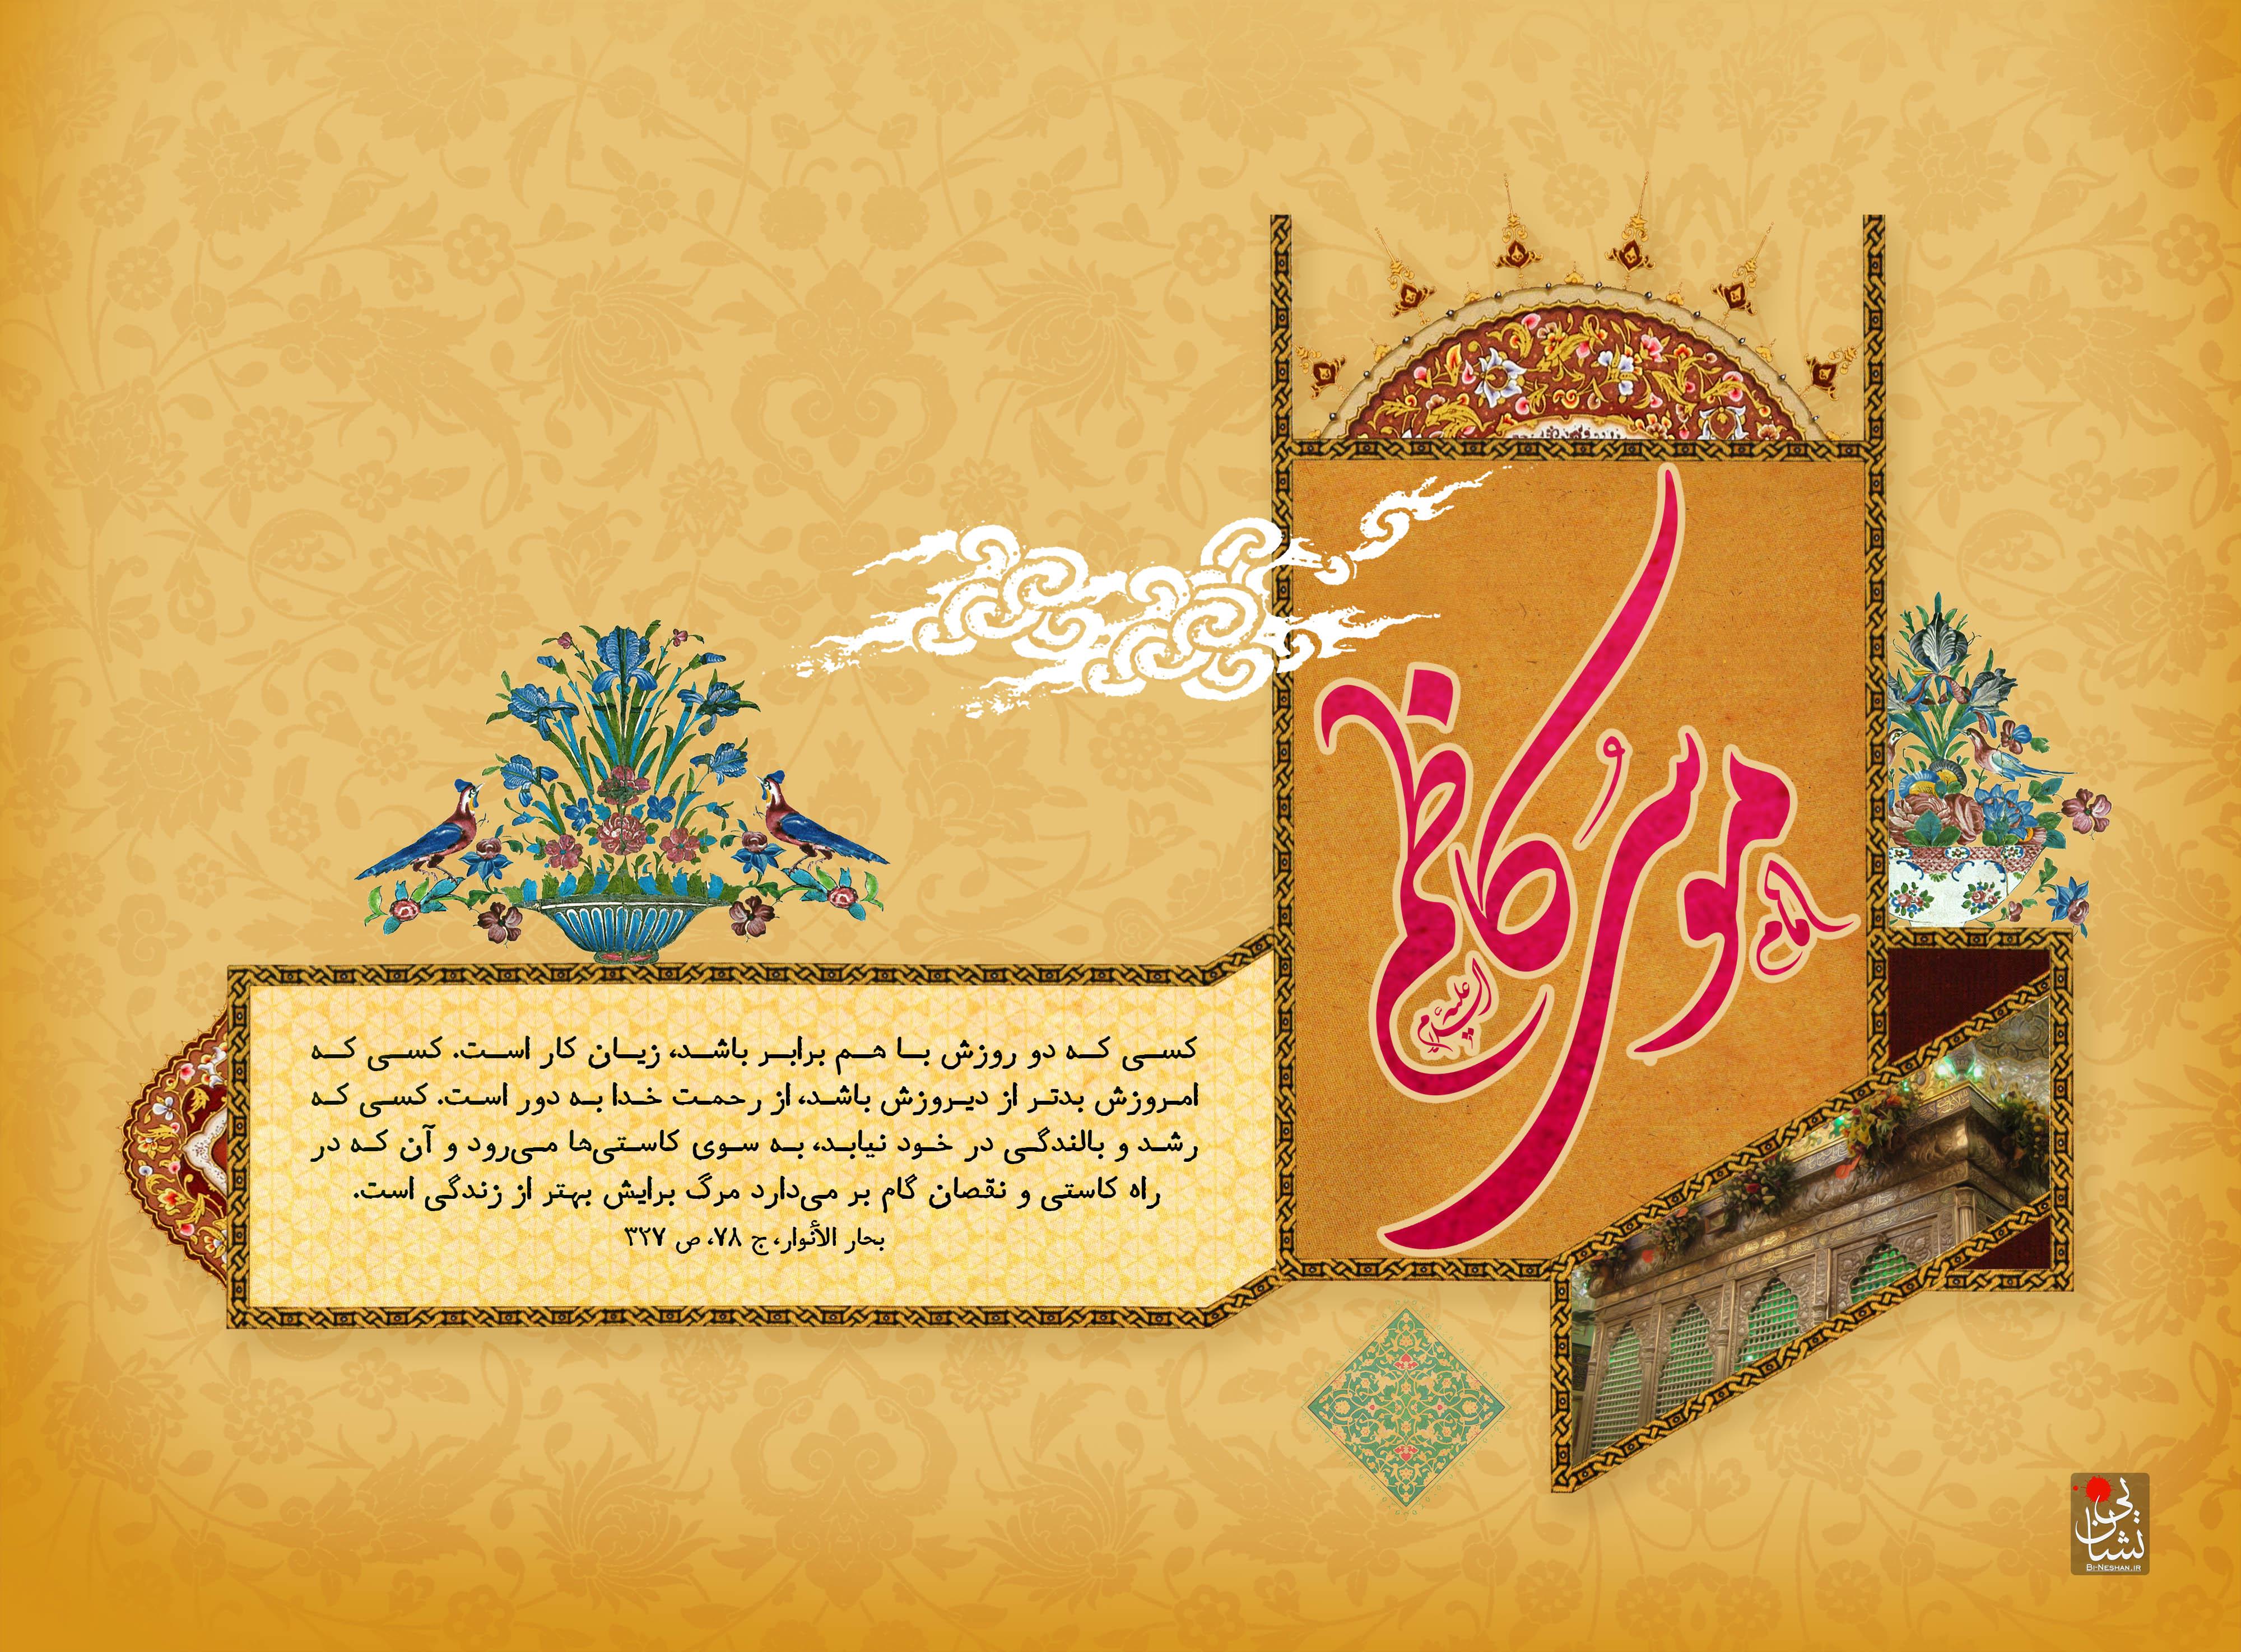 صلابت و مدارا در سیره امام کاظم علیه السلام چگونه بود؟